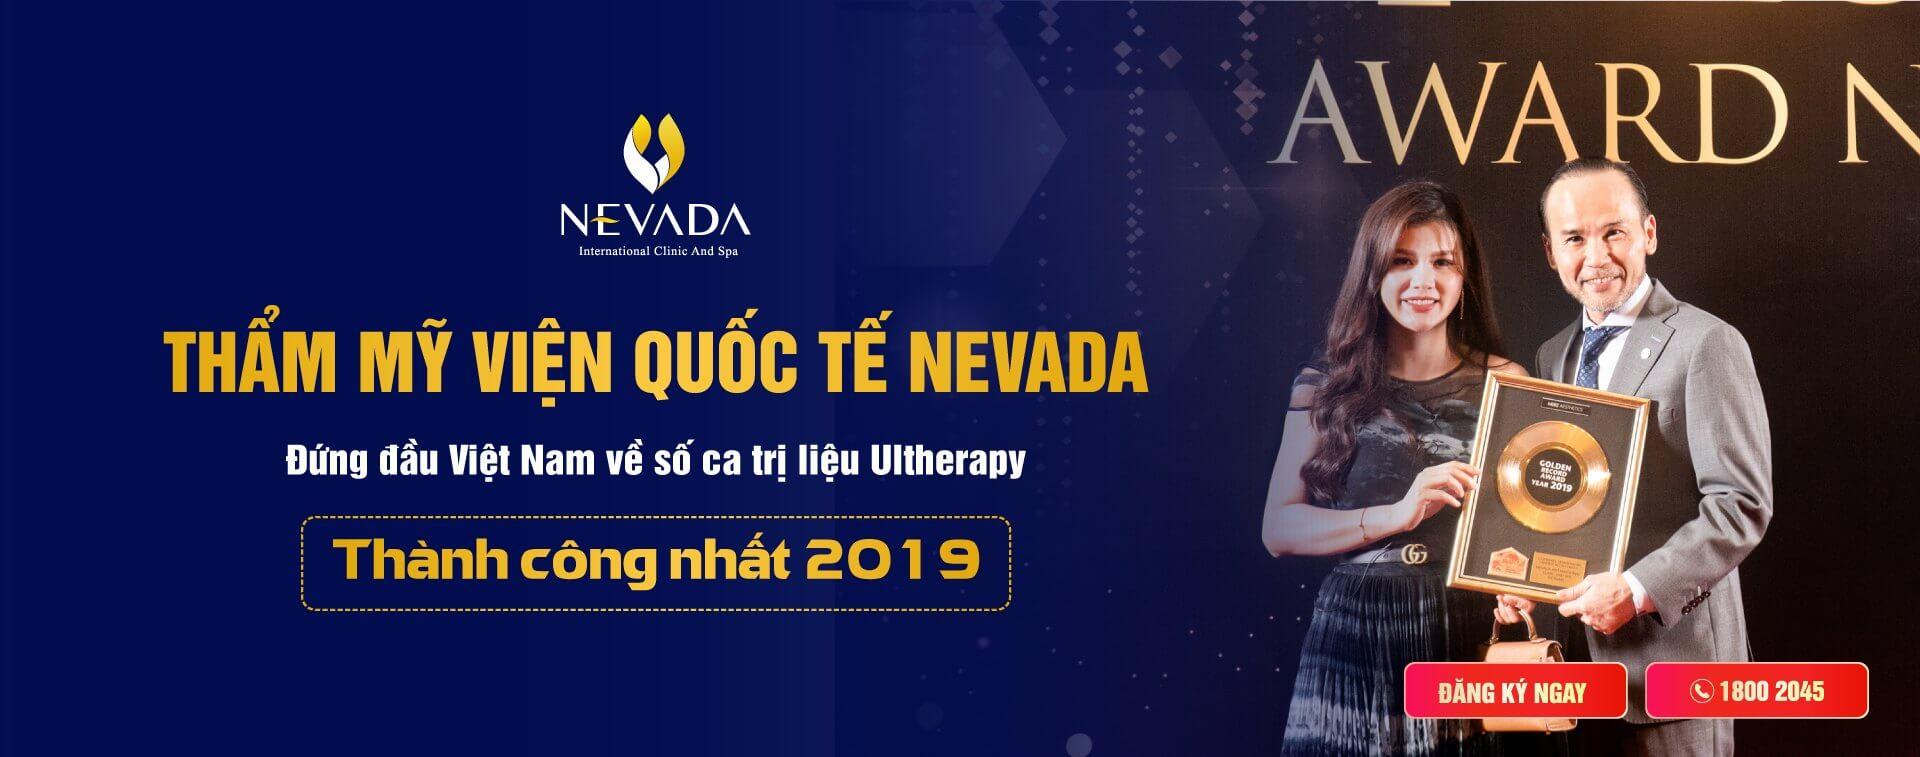 Khuyến mãi nâng cơ trẻ hóa da Nevada